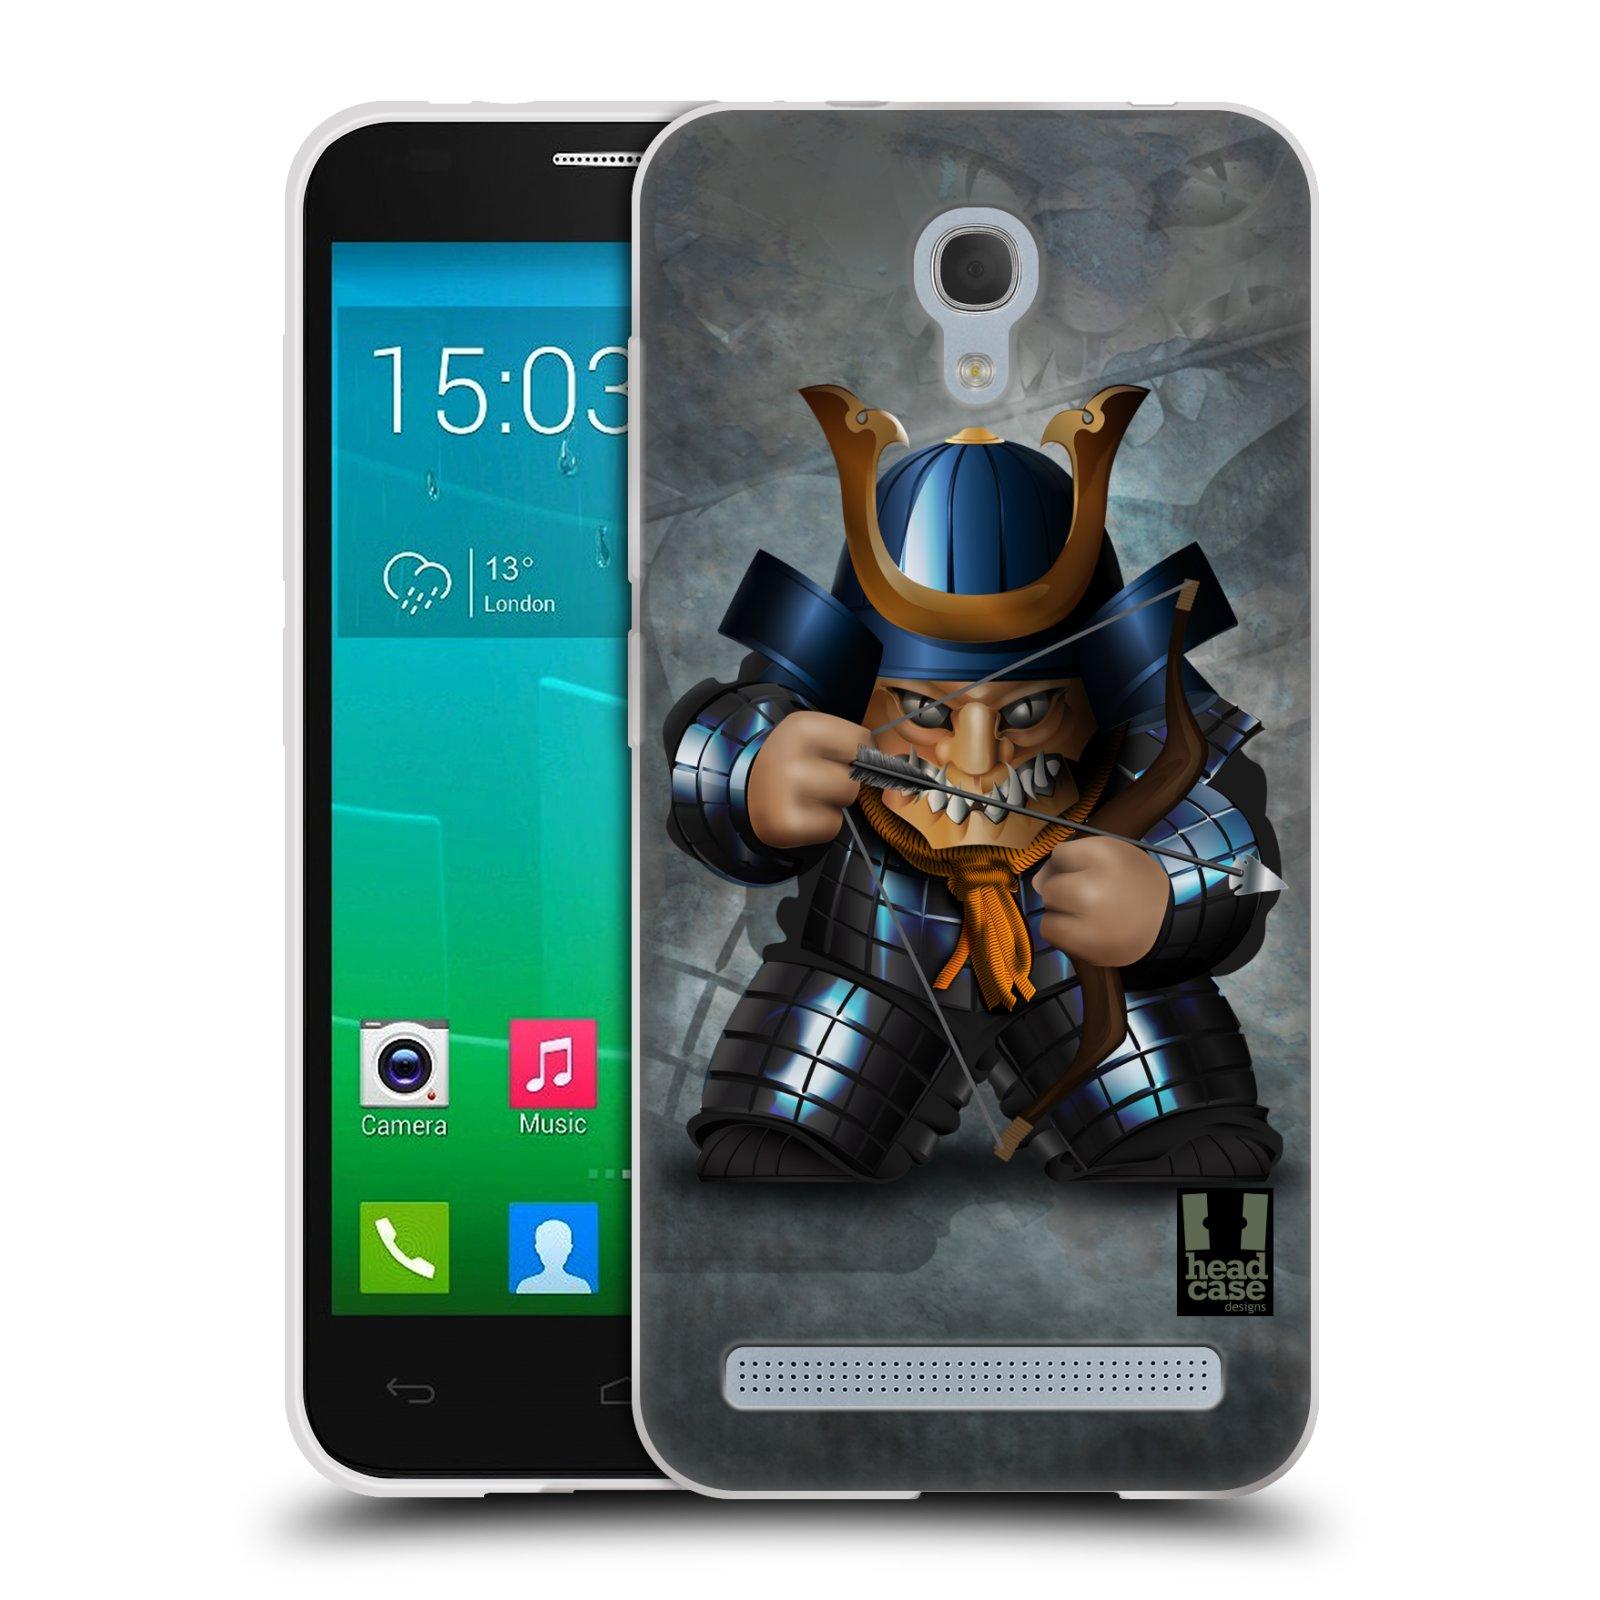 HEAD CASE silikonový obal na mobil Alcatel Idol 2 MINI S 6036Y vzor Malí bojovníci SHOGUN STŘELEC